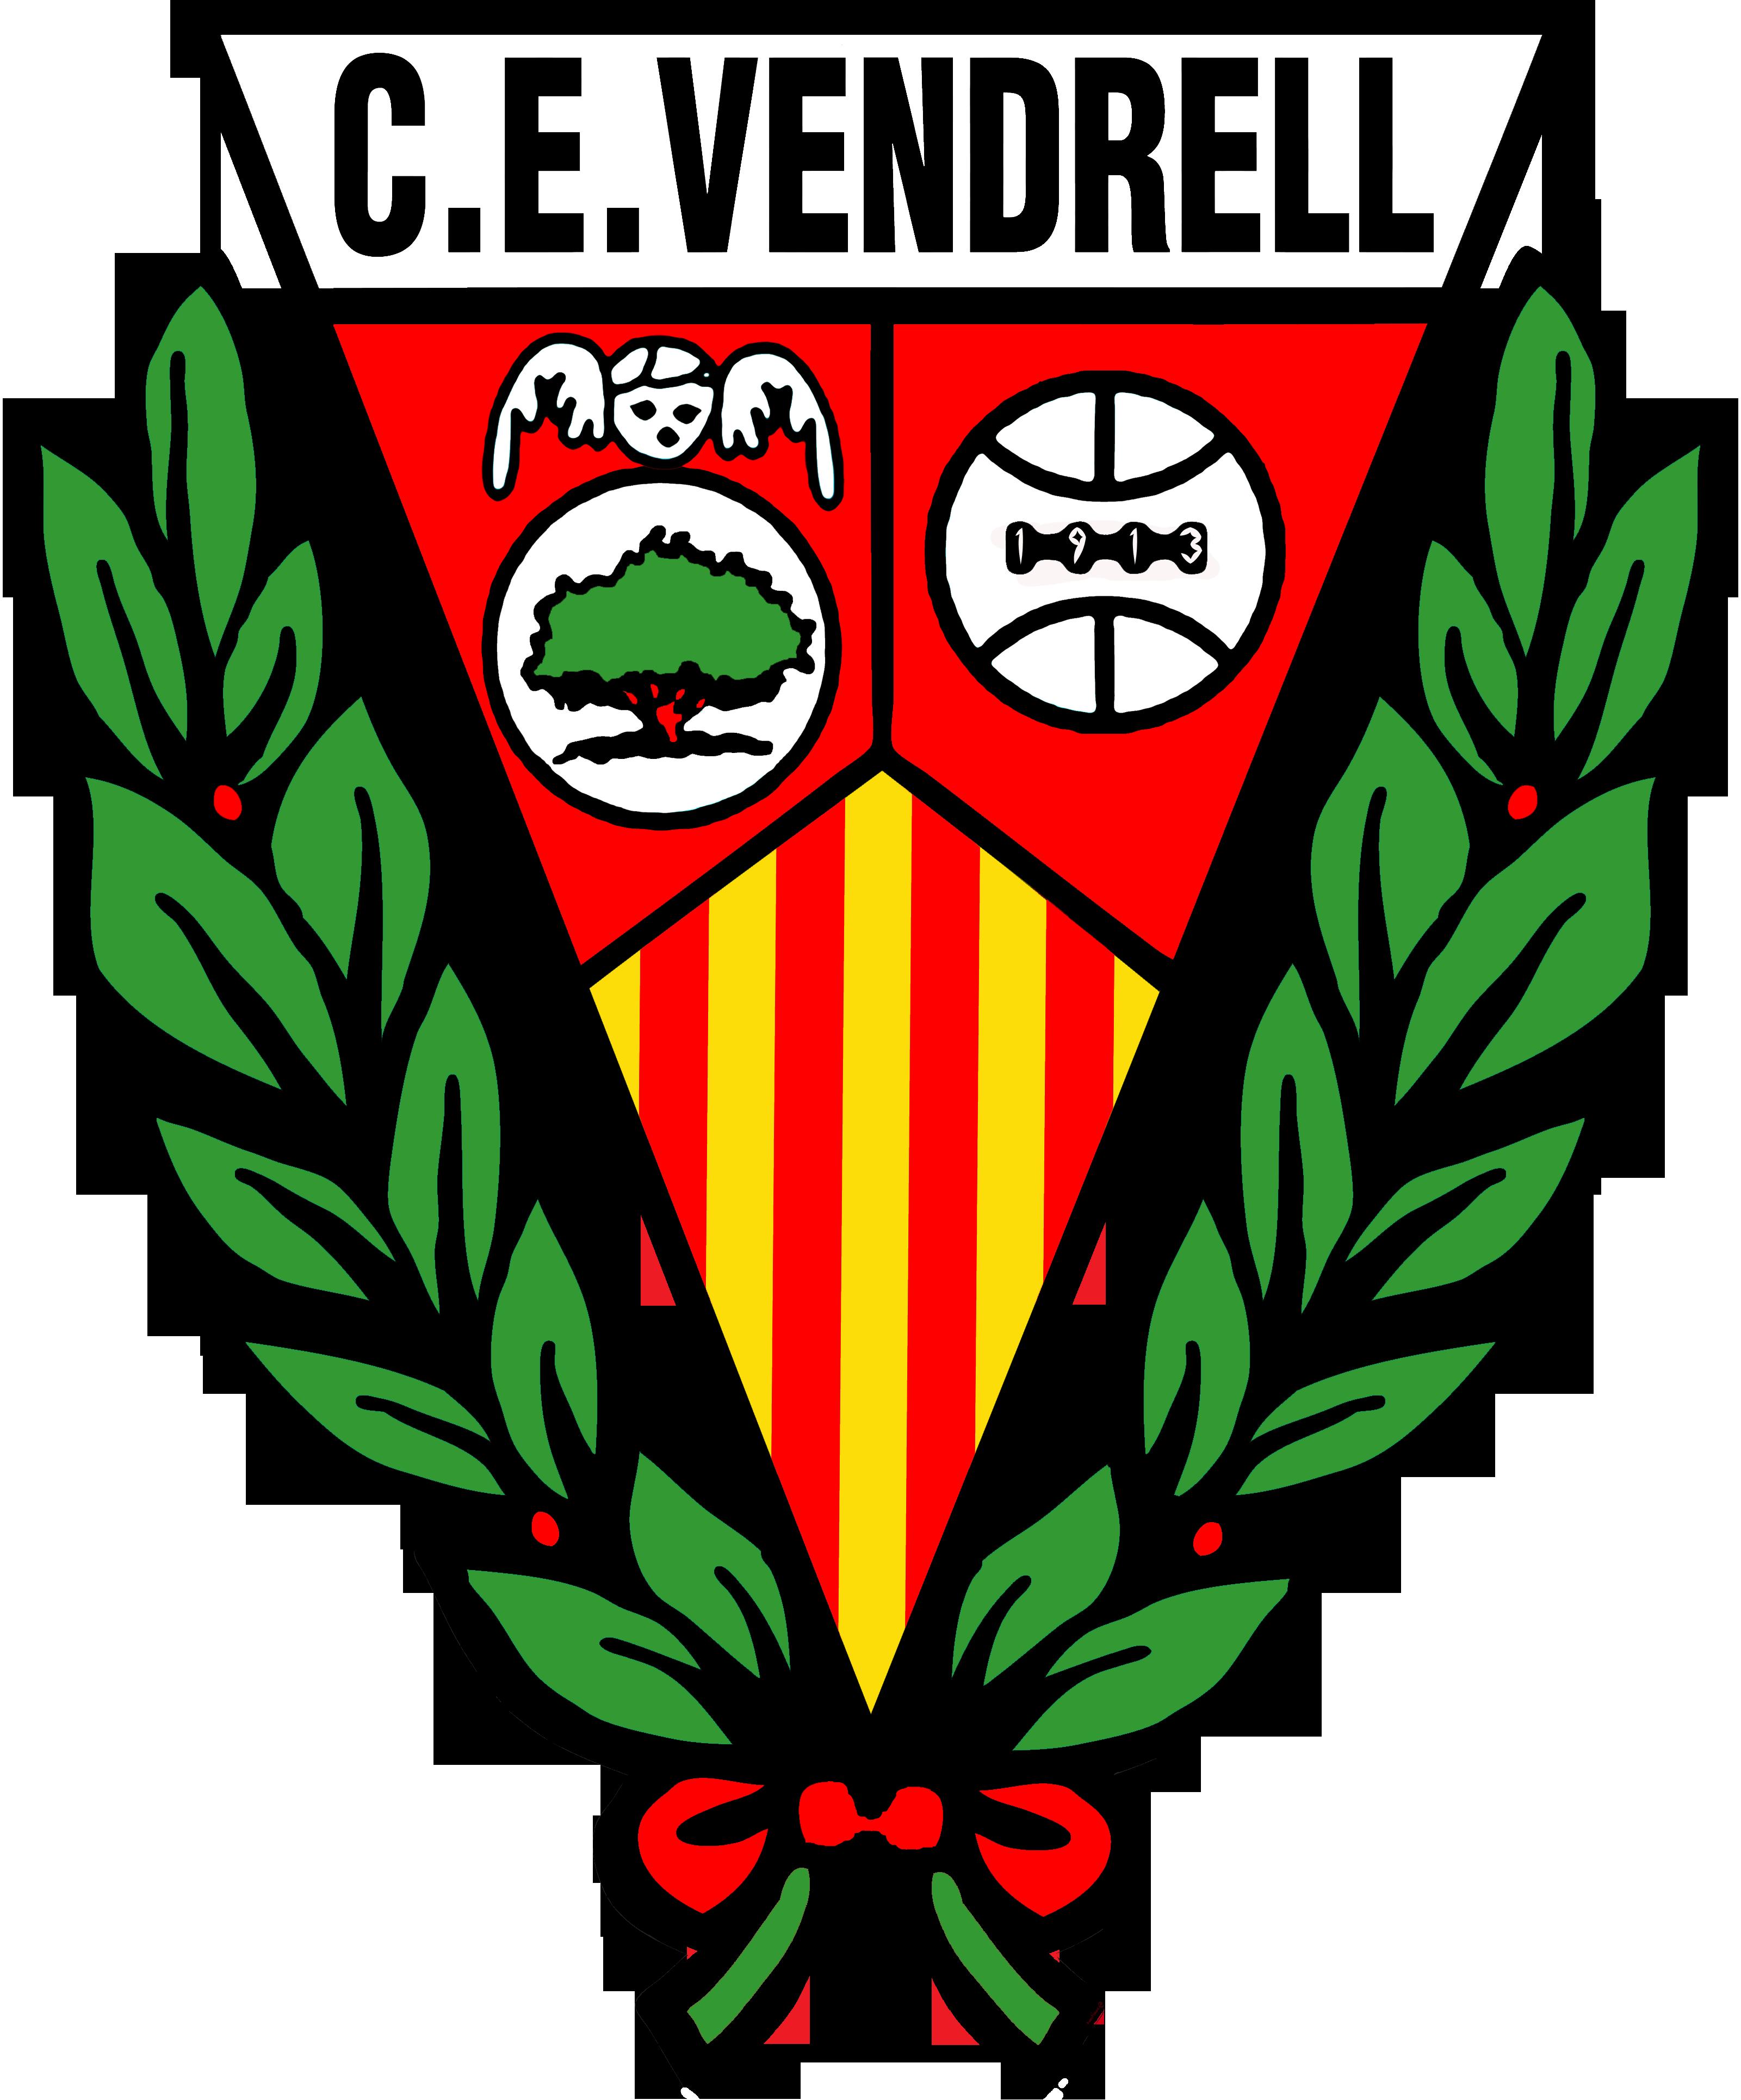 C.E. Vendrell Alevi C